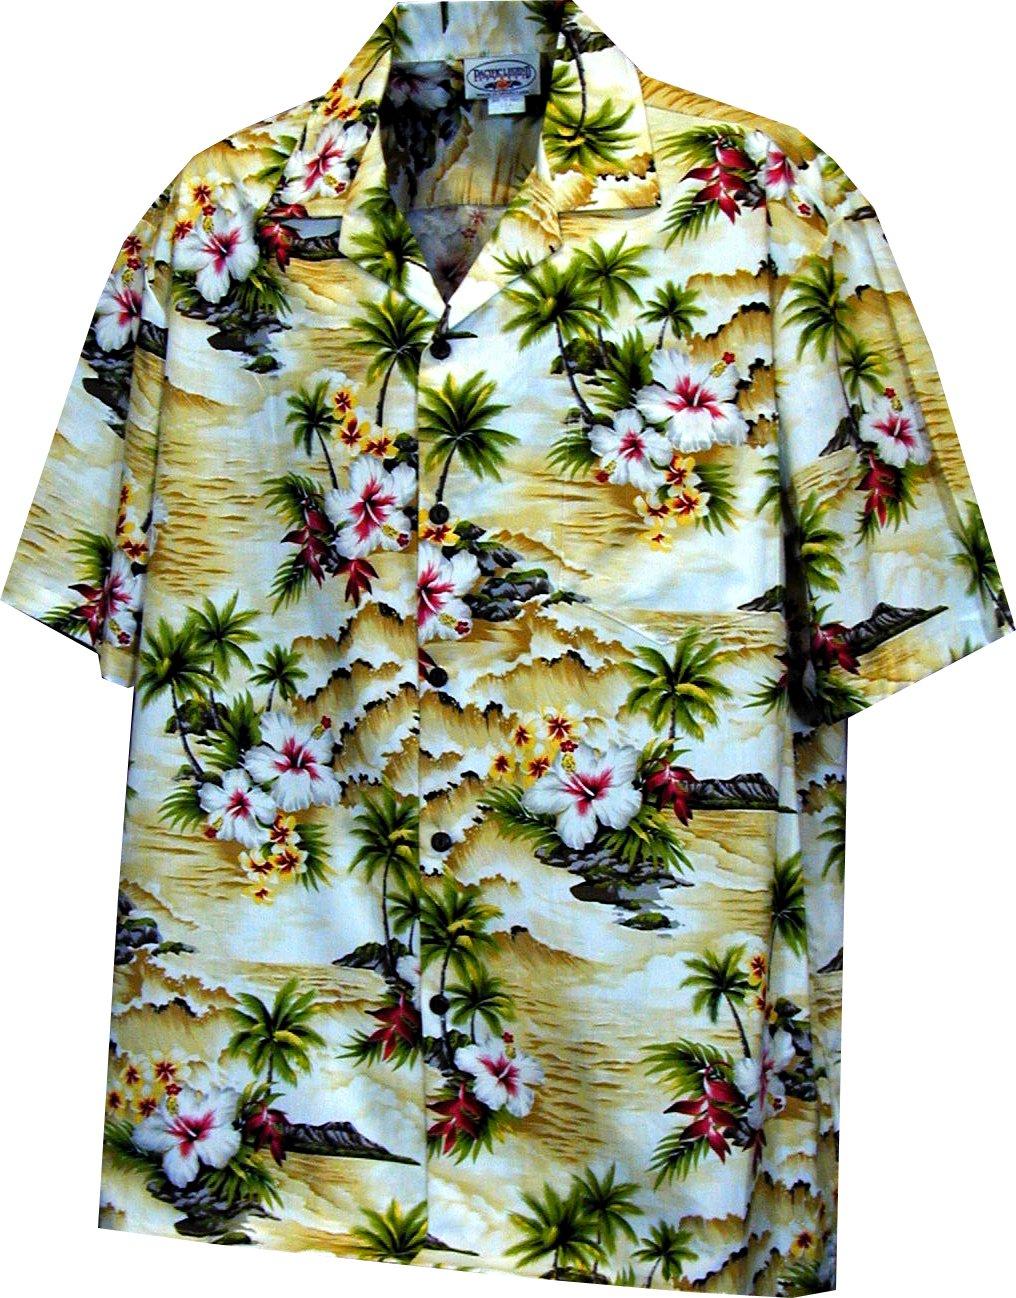 Pacific Legend Boys Diamond Head Ocean Wave Shirt MAIZE XL by Pacific Legend (Image #1)